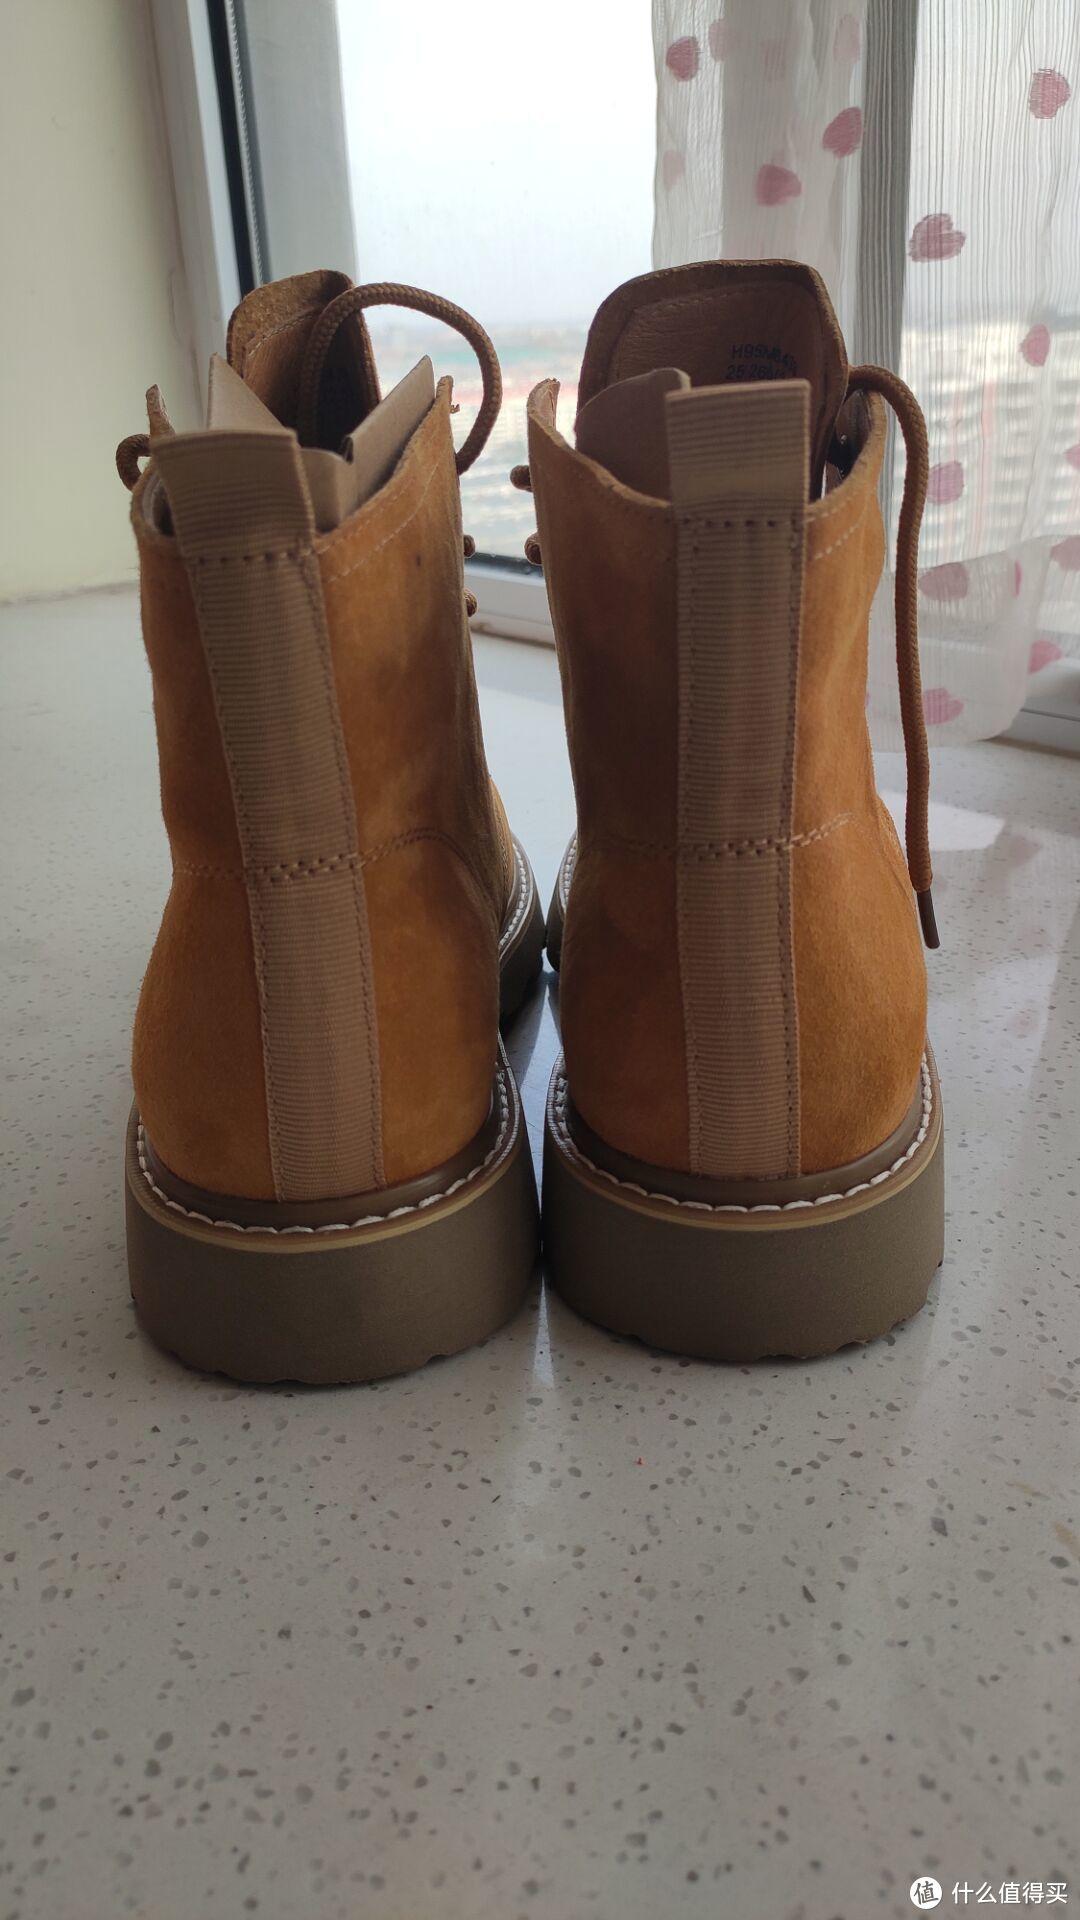 一款期待已久的鞋子——热风马丁靴试穿感受